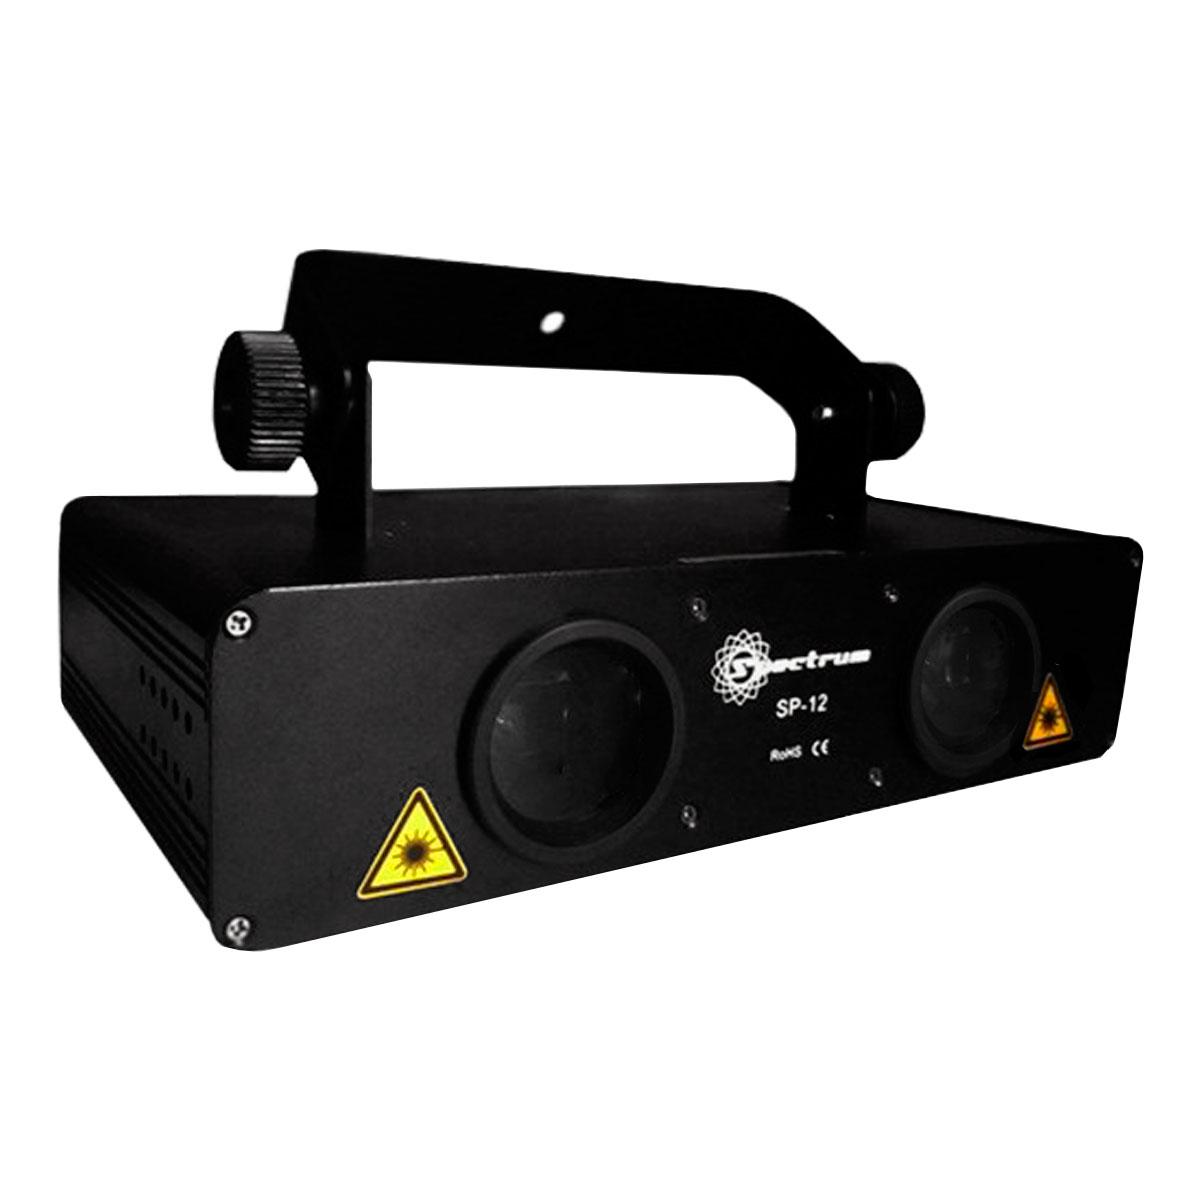 SP12 - Canhão de Laser Azul / Verde 2 Bocas SP 12 - Spectrum